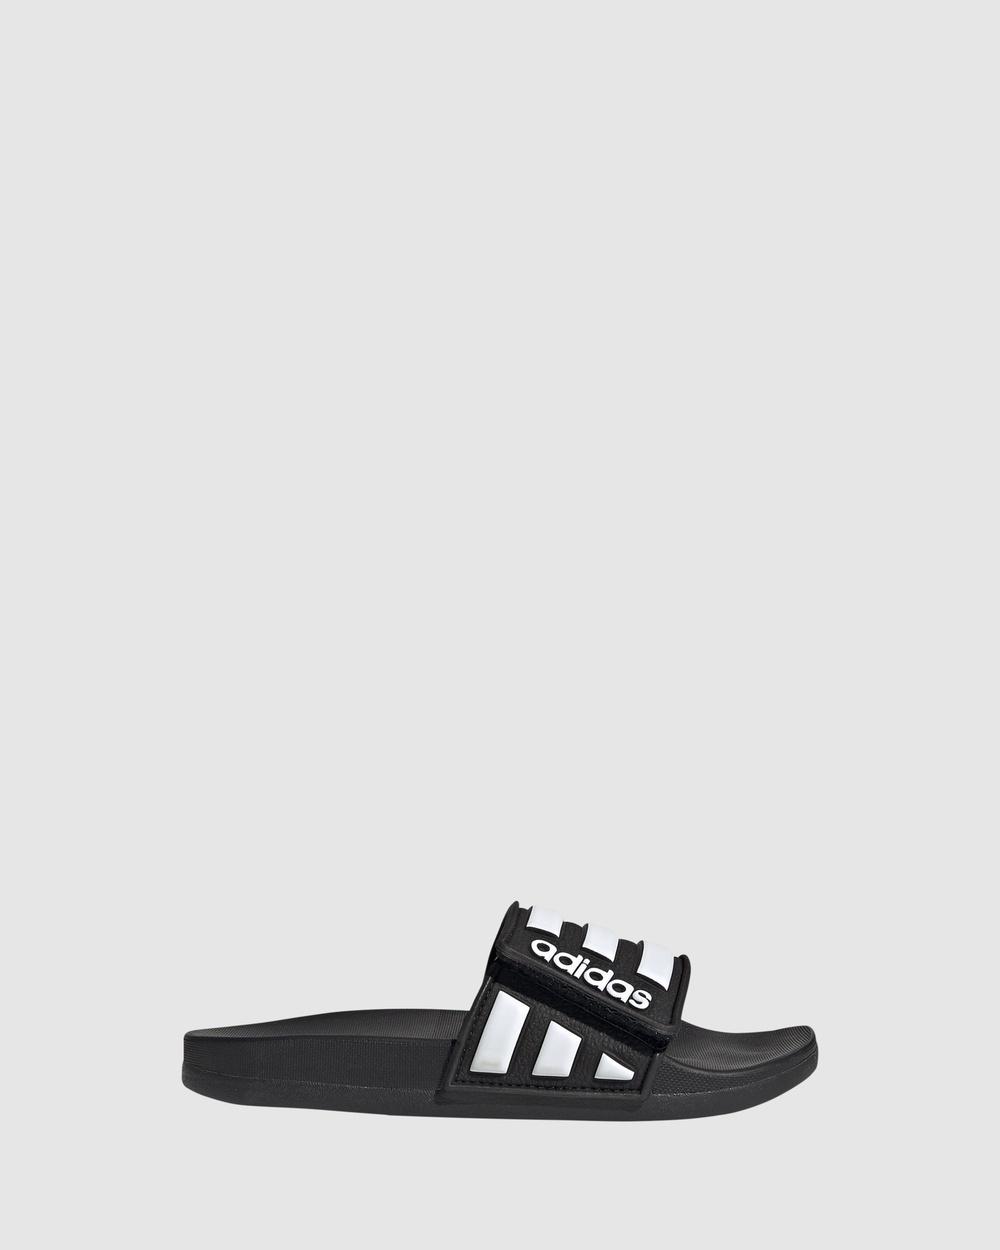 adidas Performance Adilette Comfort Adjustable K Sandals Black/White